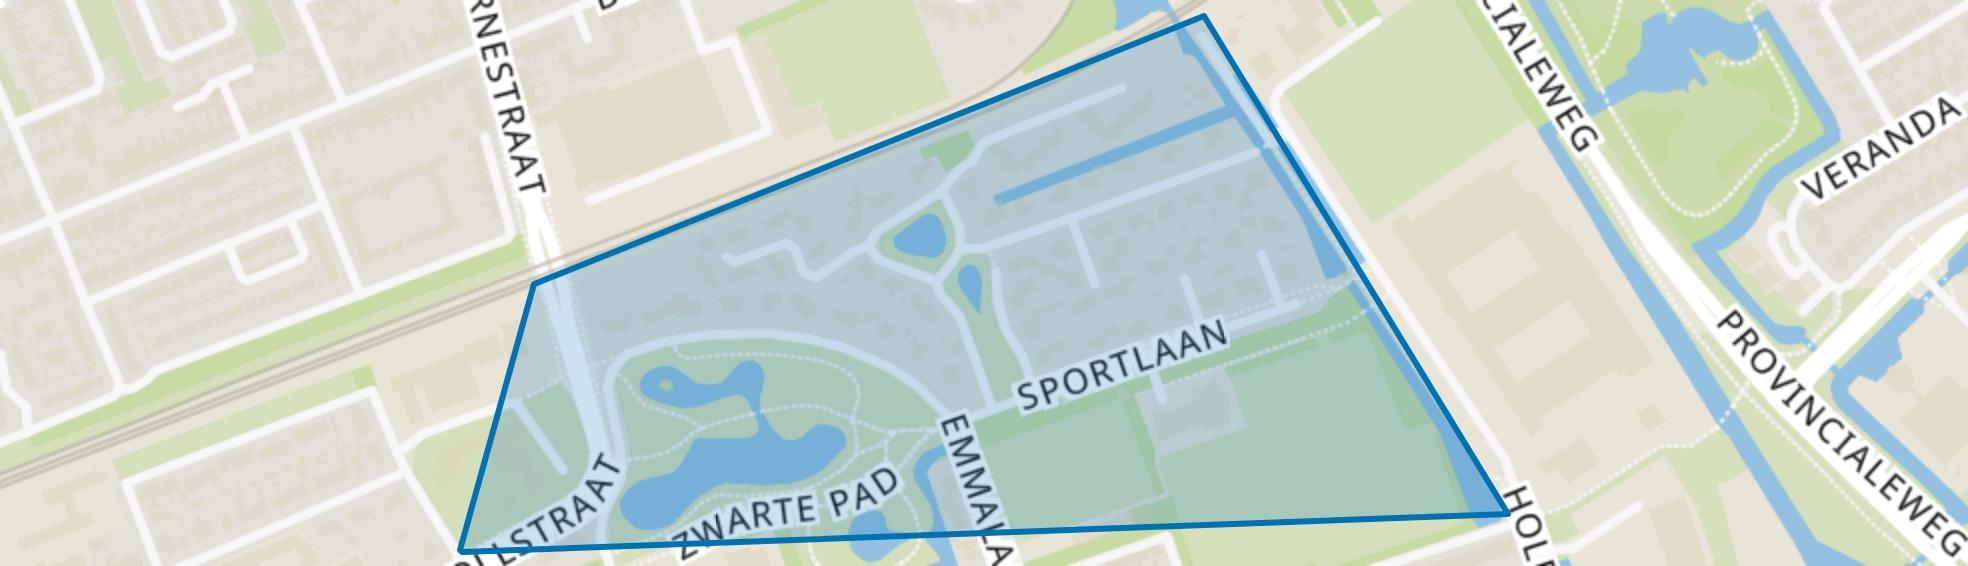 Venelaankwartier - Buurt 11 01, Hoorn (NH) map